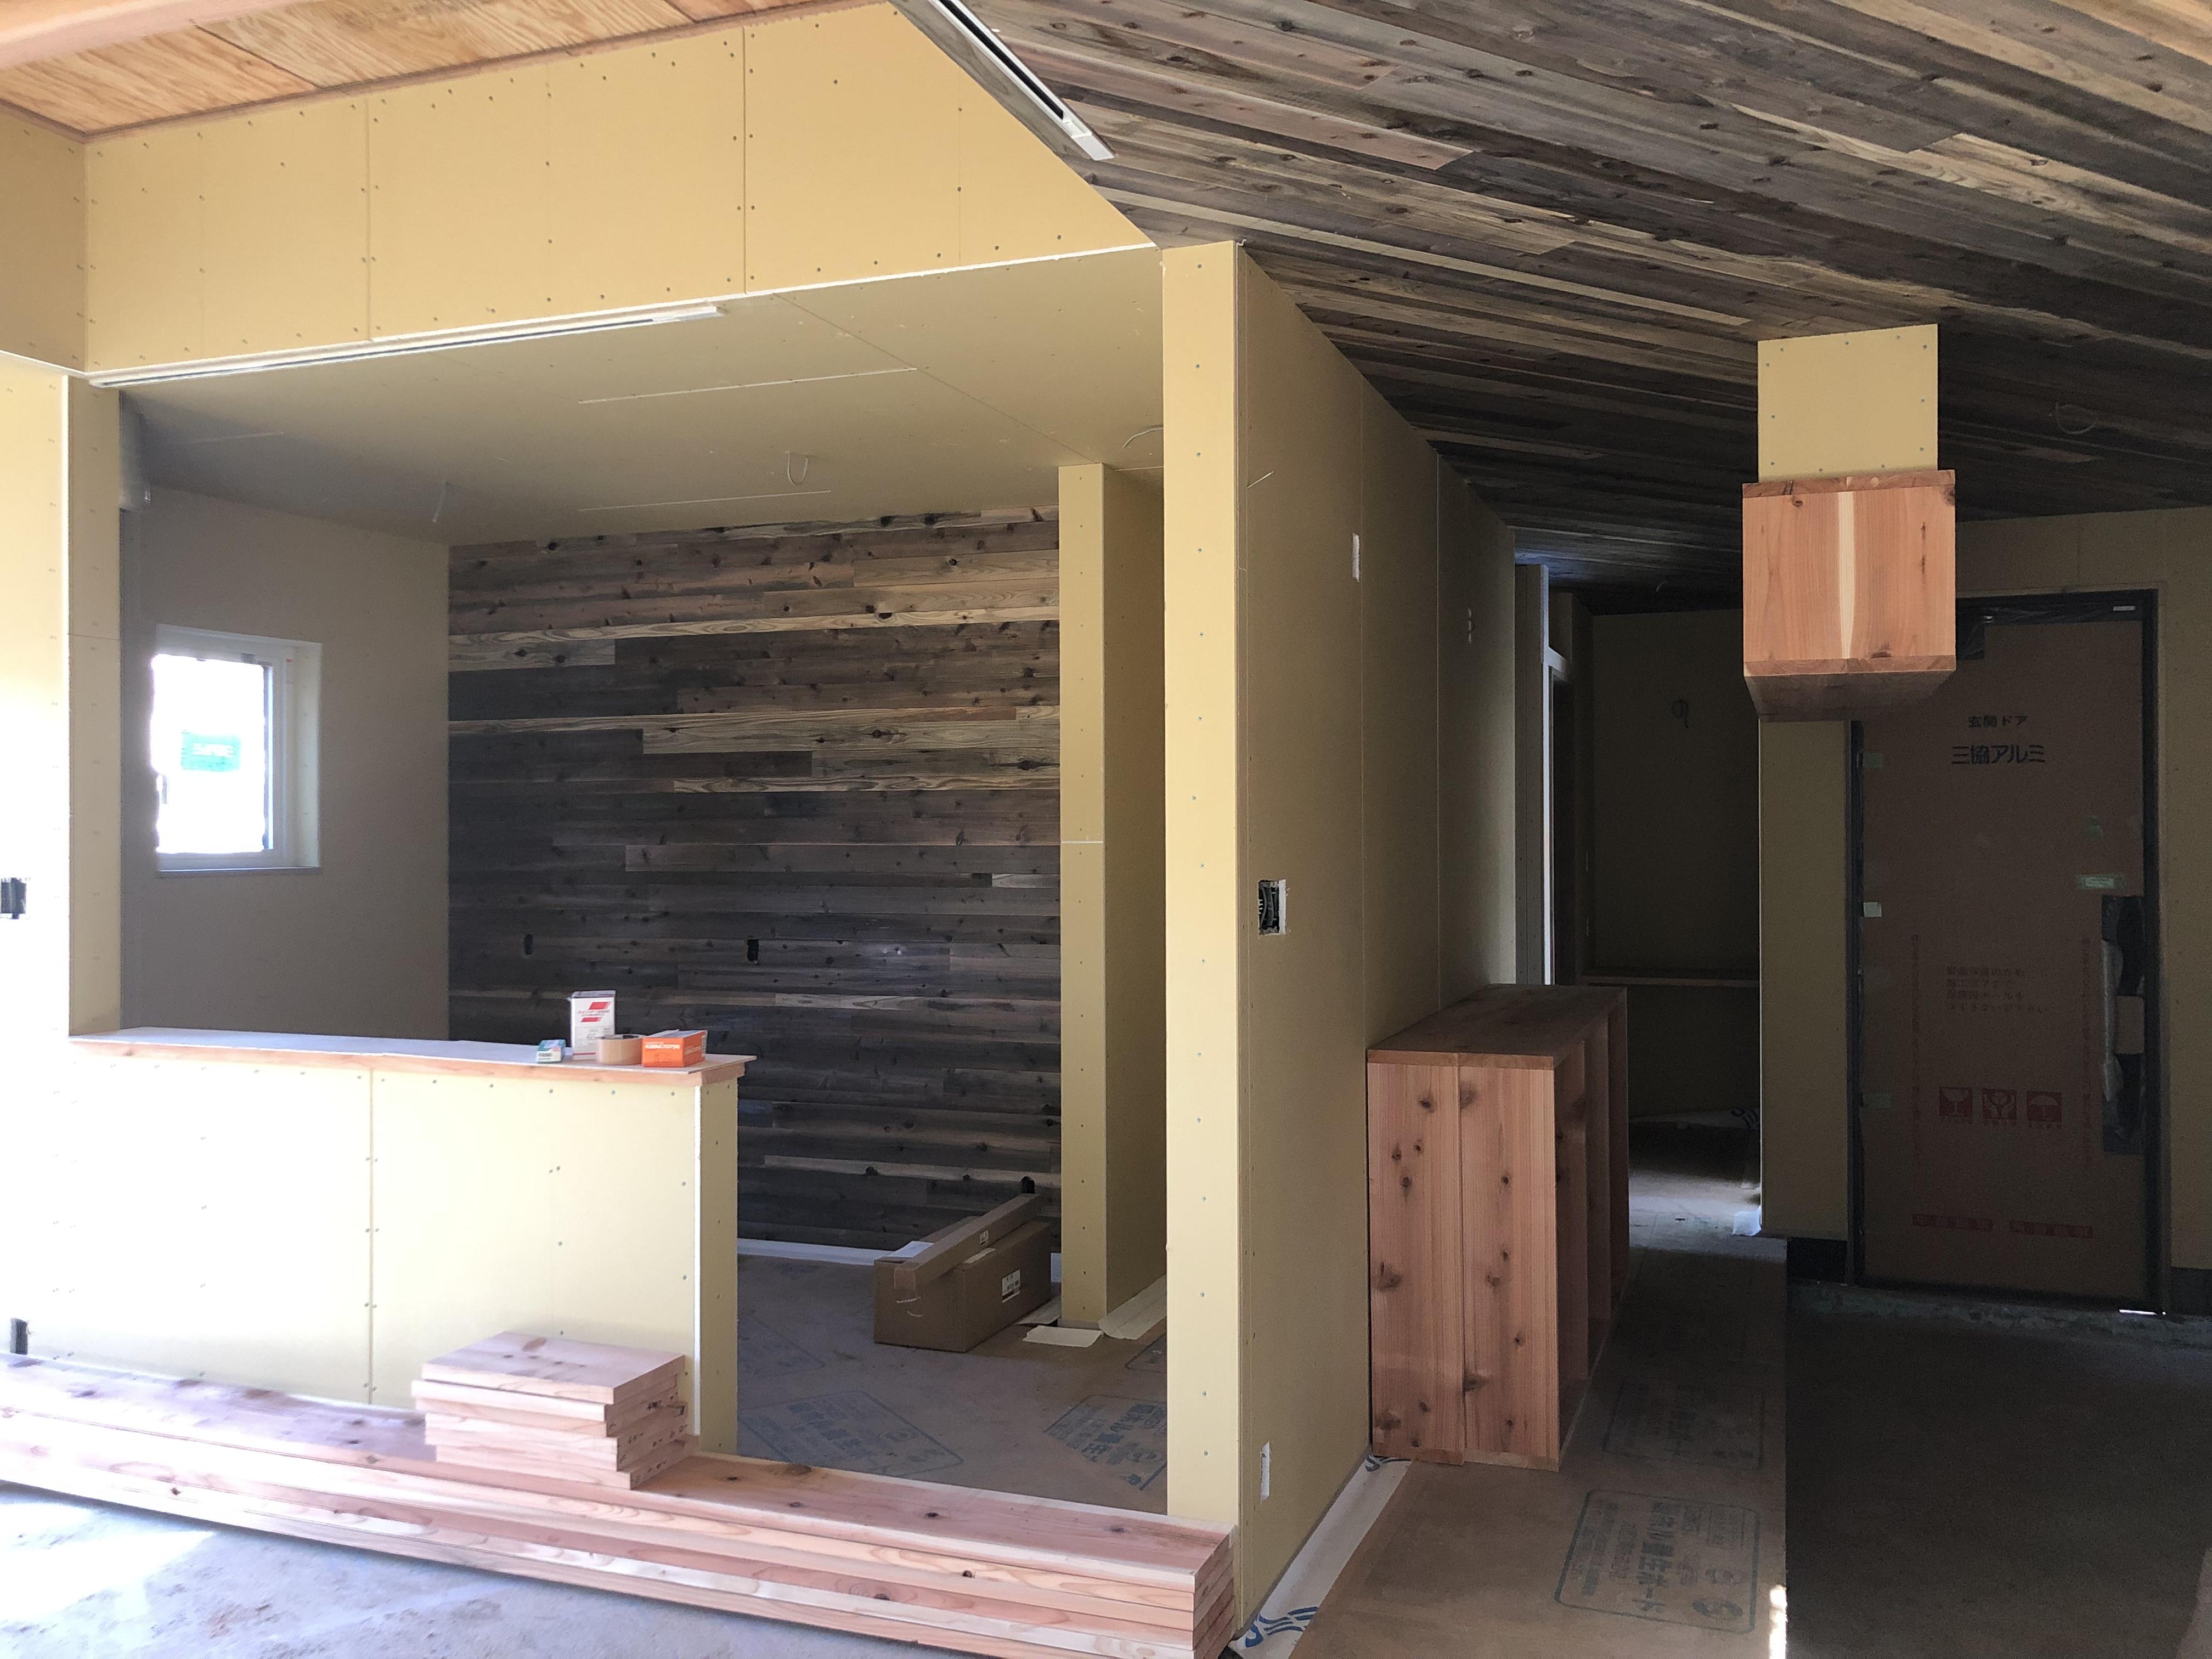 山梨県の工務店、未来建築工房とつくる注文住宅。|富士河口湖町のアウトドアスタイルハウス